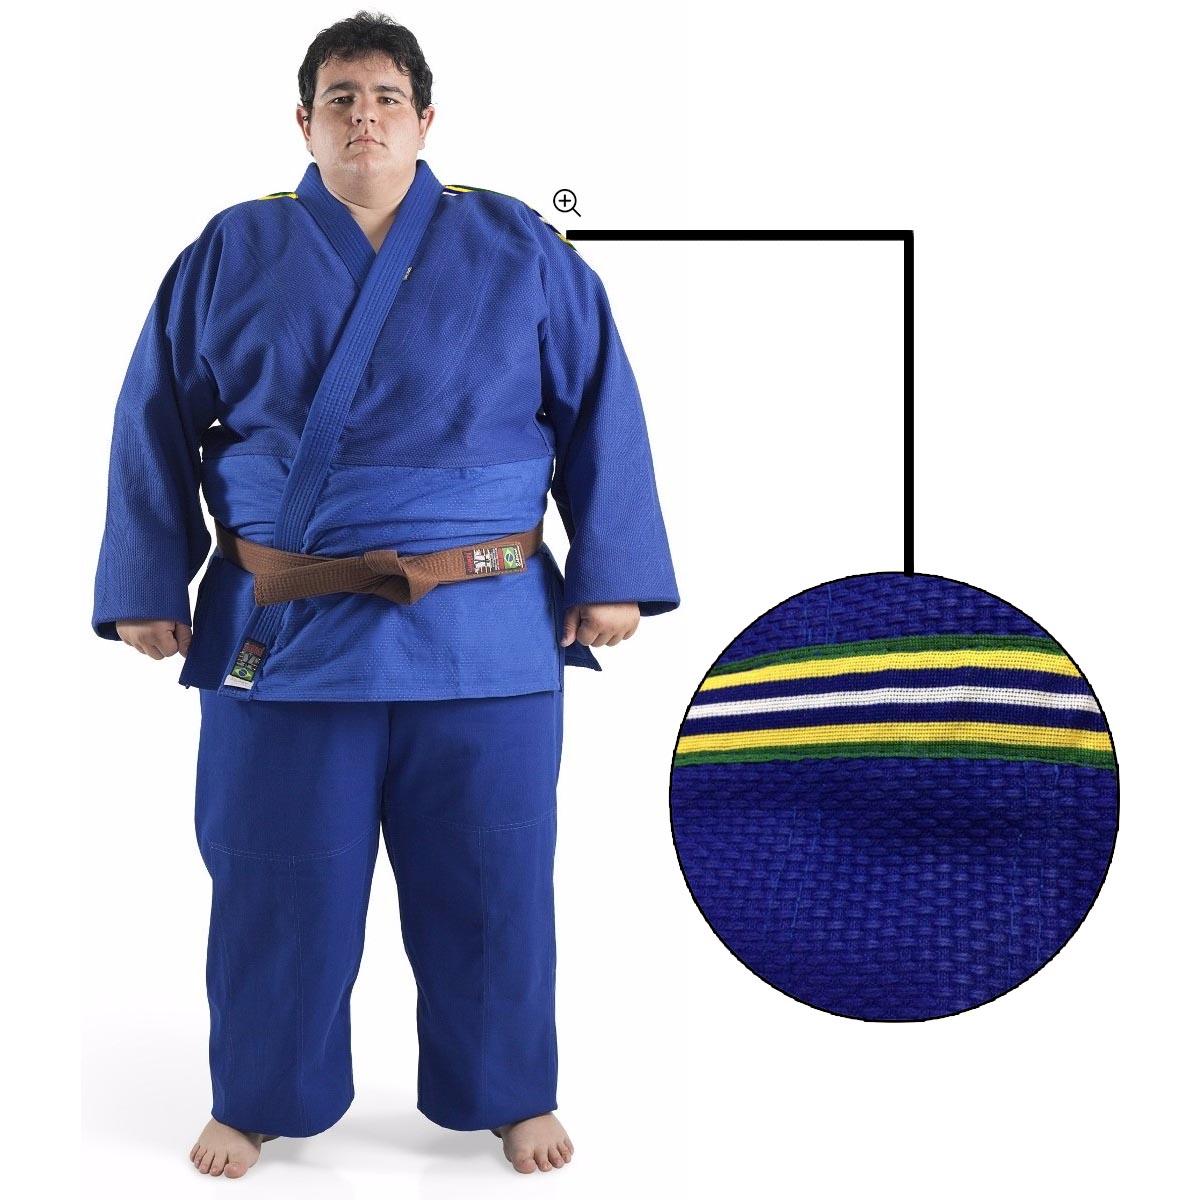 Kimono Judo - Trancado - Master - Brazilian Colors - Shiroi - Azul .  - Loja do Competidor